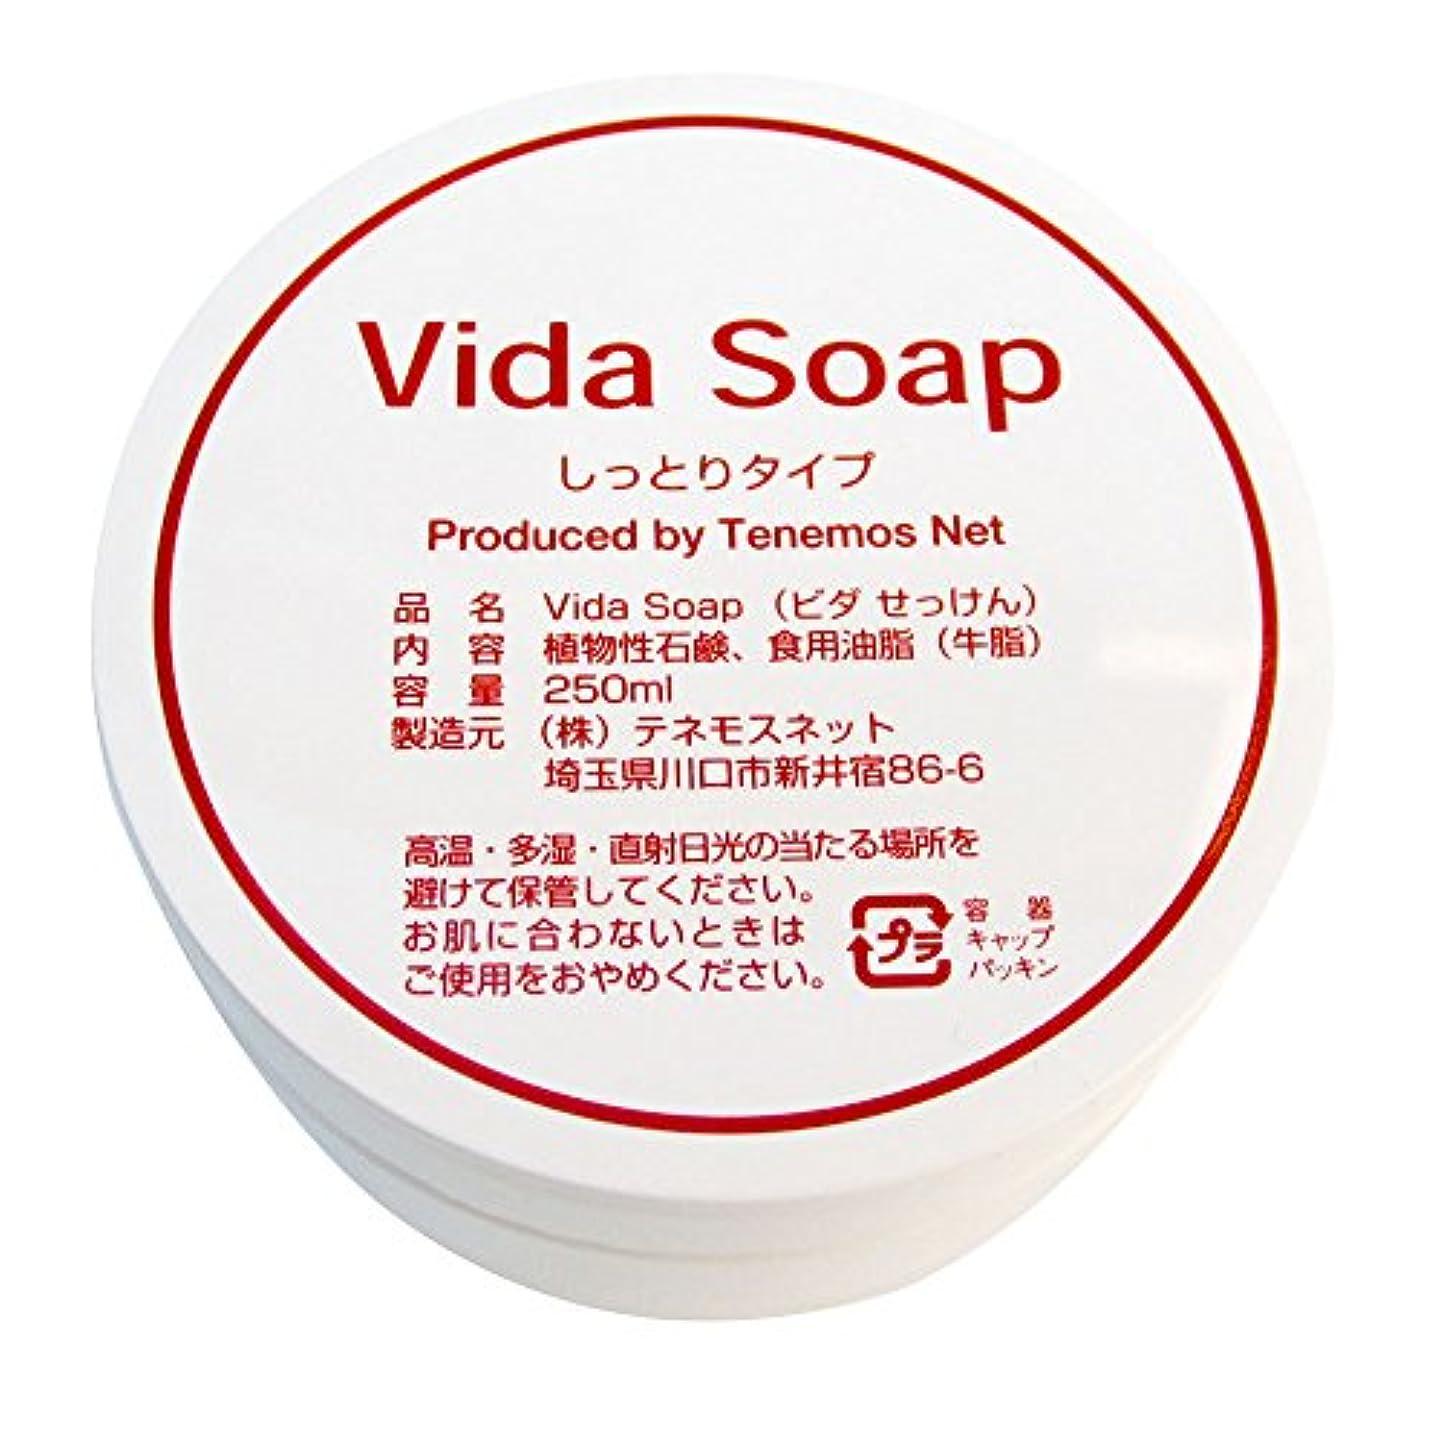 見込み道徳不倫テネモス ビダせっけん Vida Soap しっとりノーマル 動物性 250ml